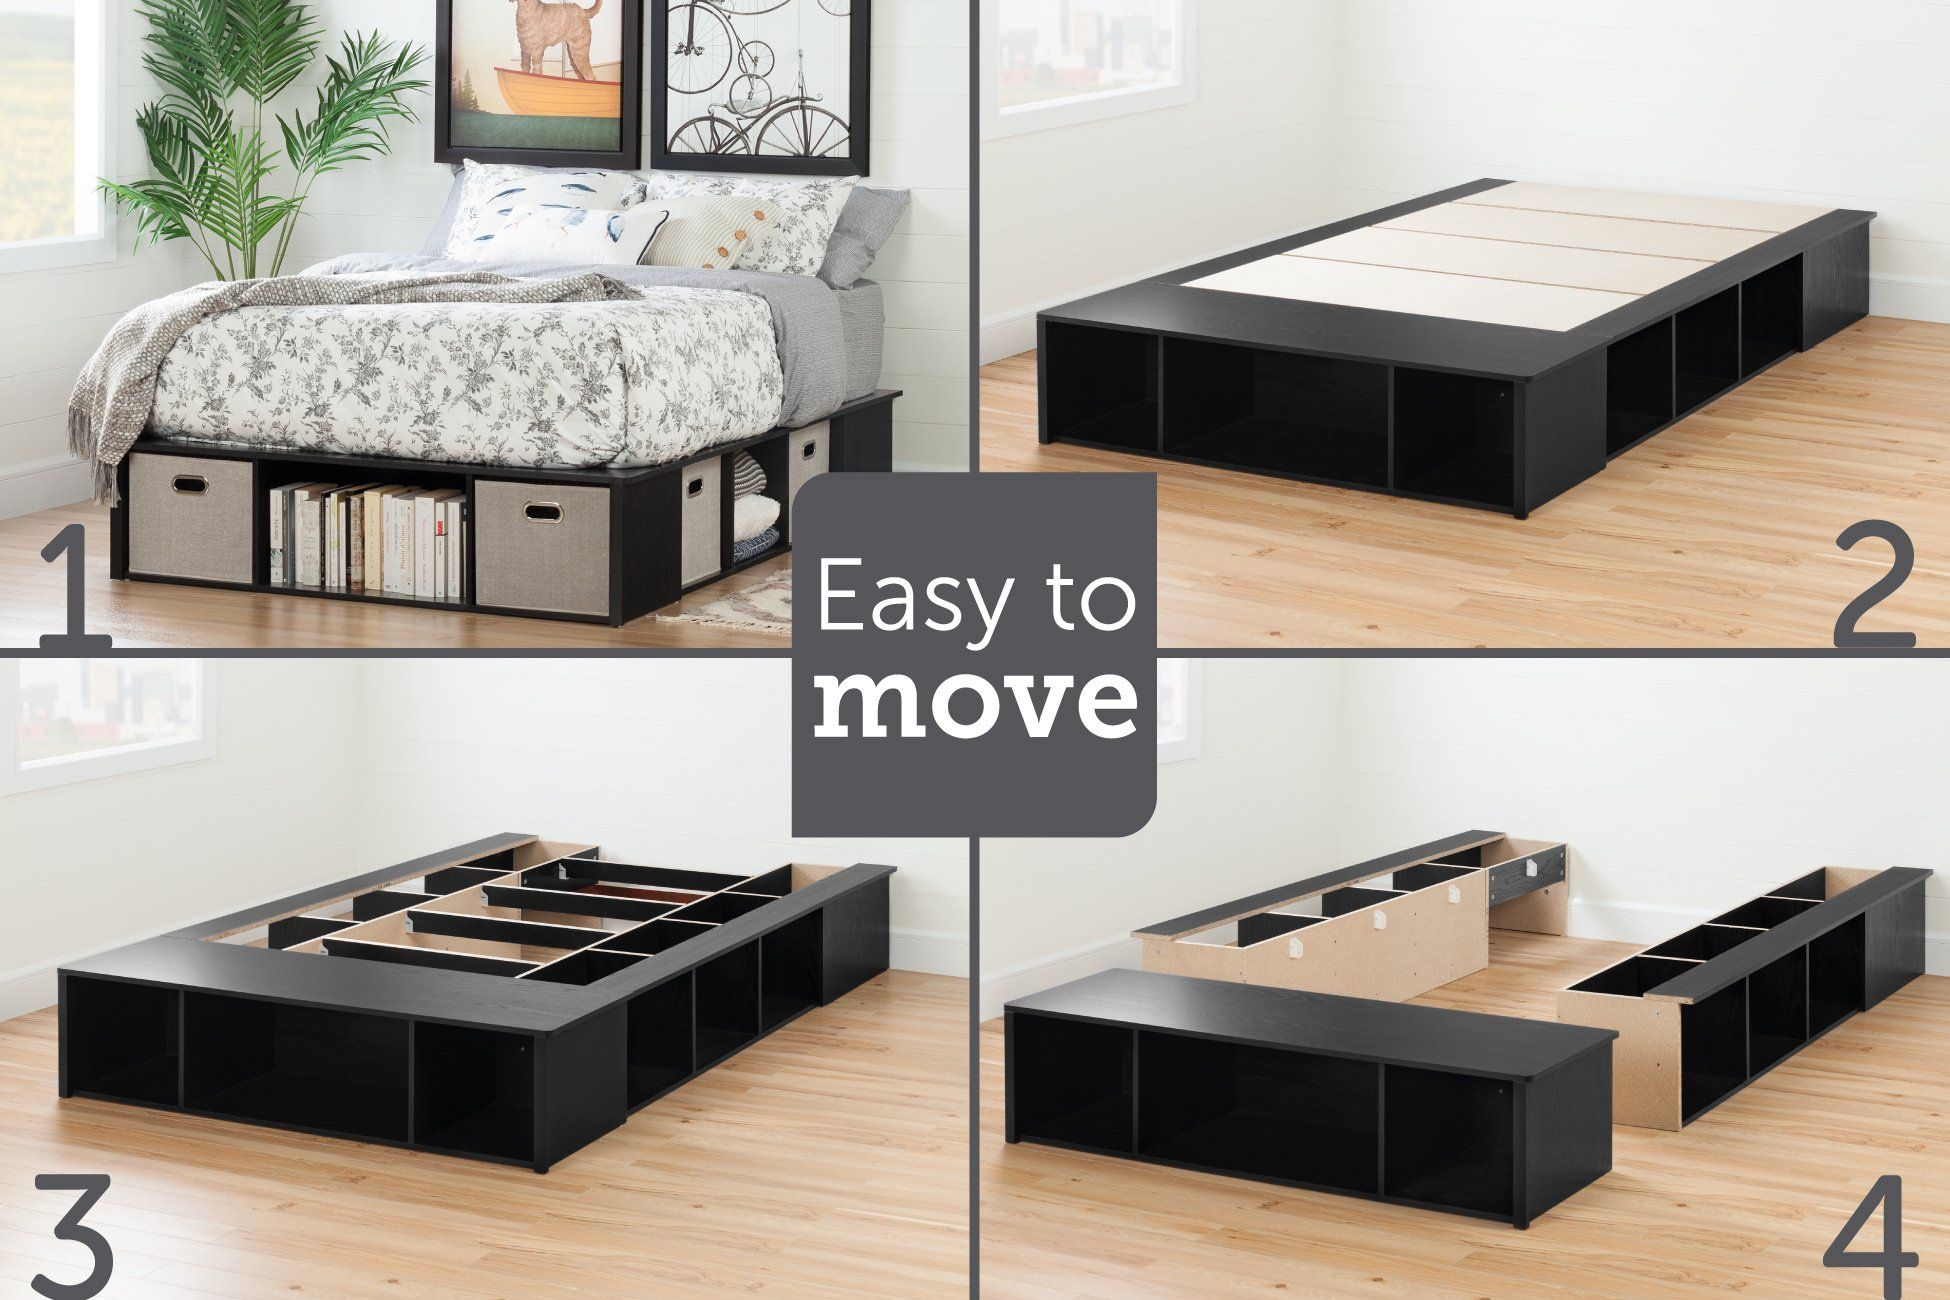 Black Oak Full Size Platform Bed With Storage And Baskets Flexible Platform Bed With Storage Diy Platform Bed King Storage Bed